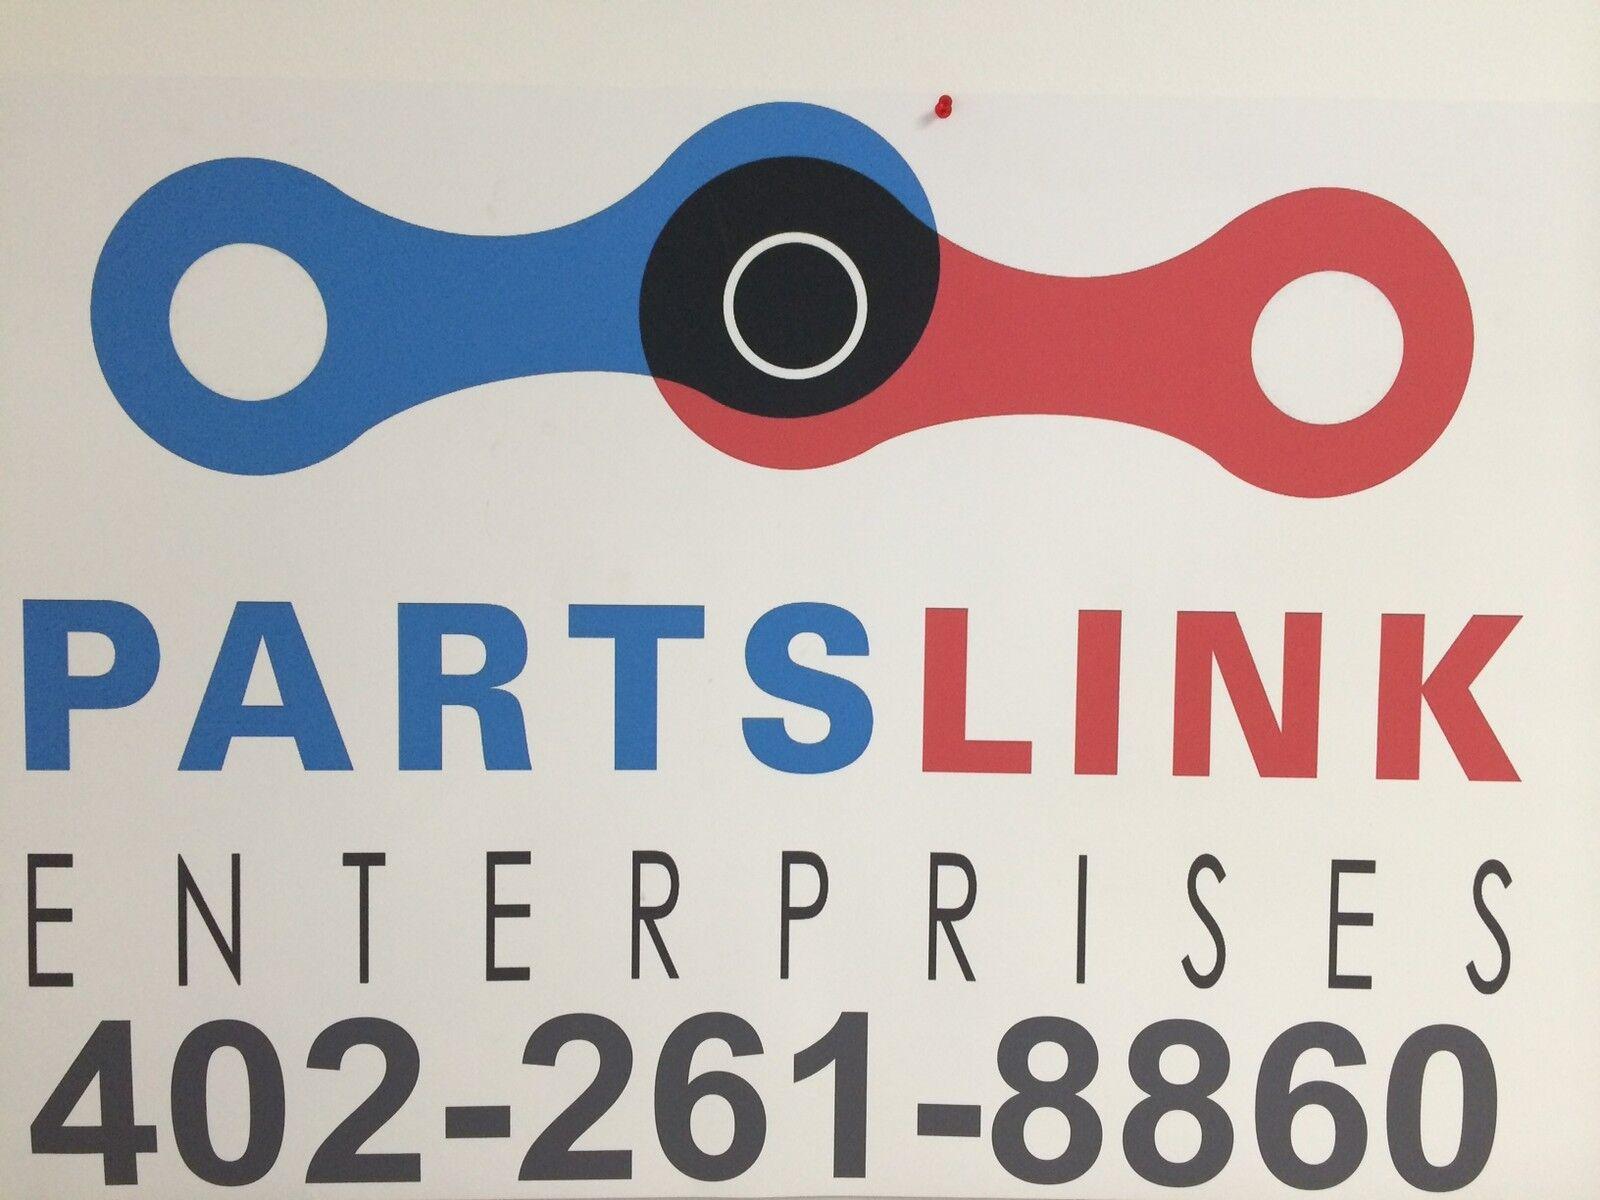 Parts Link Enterprise